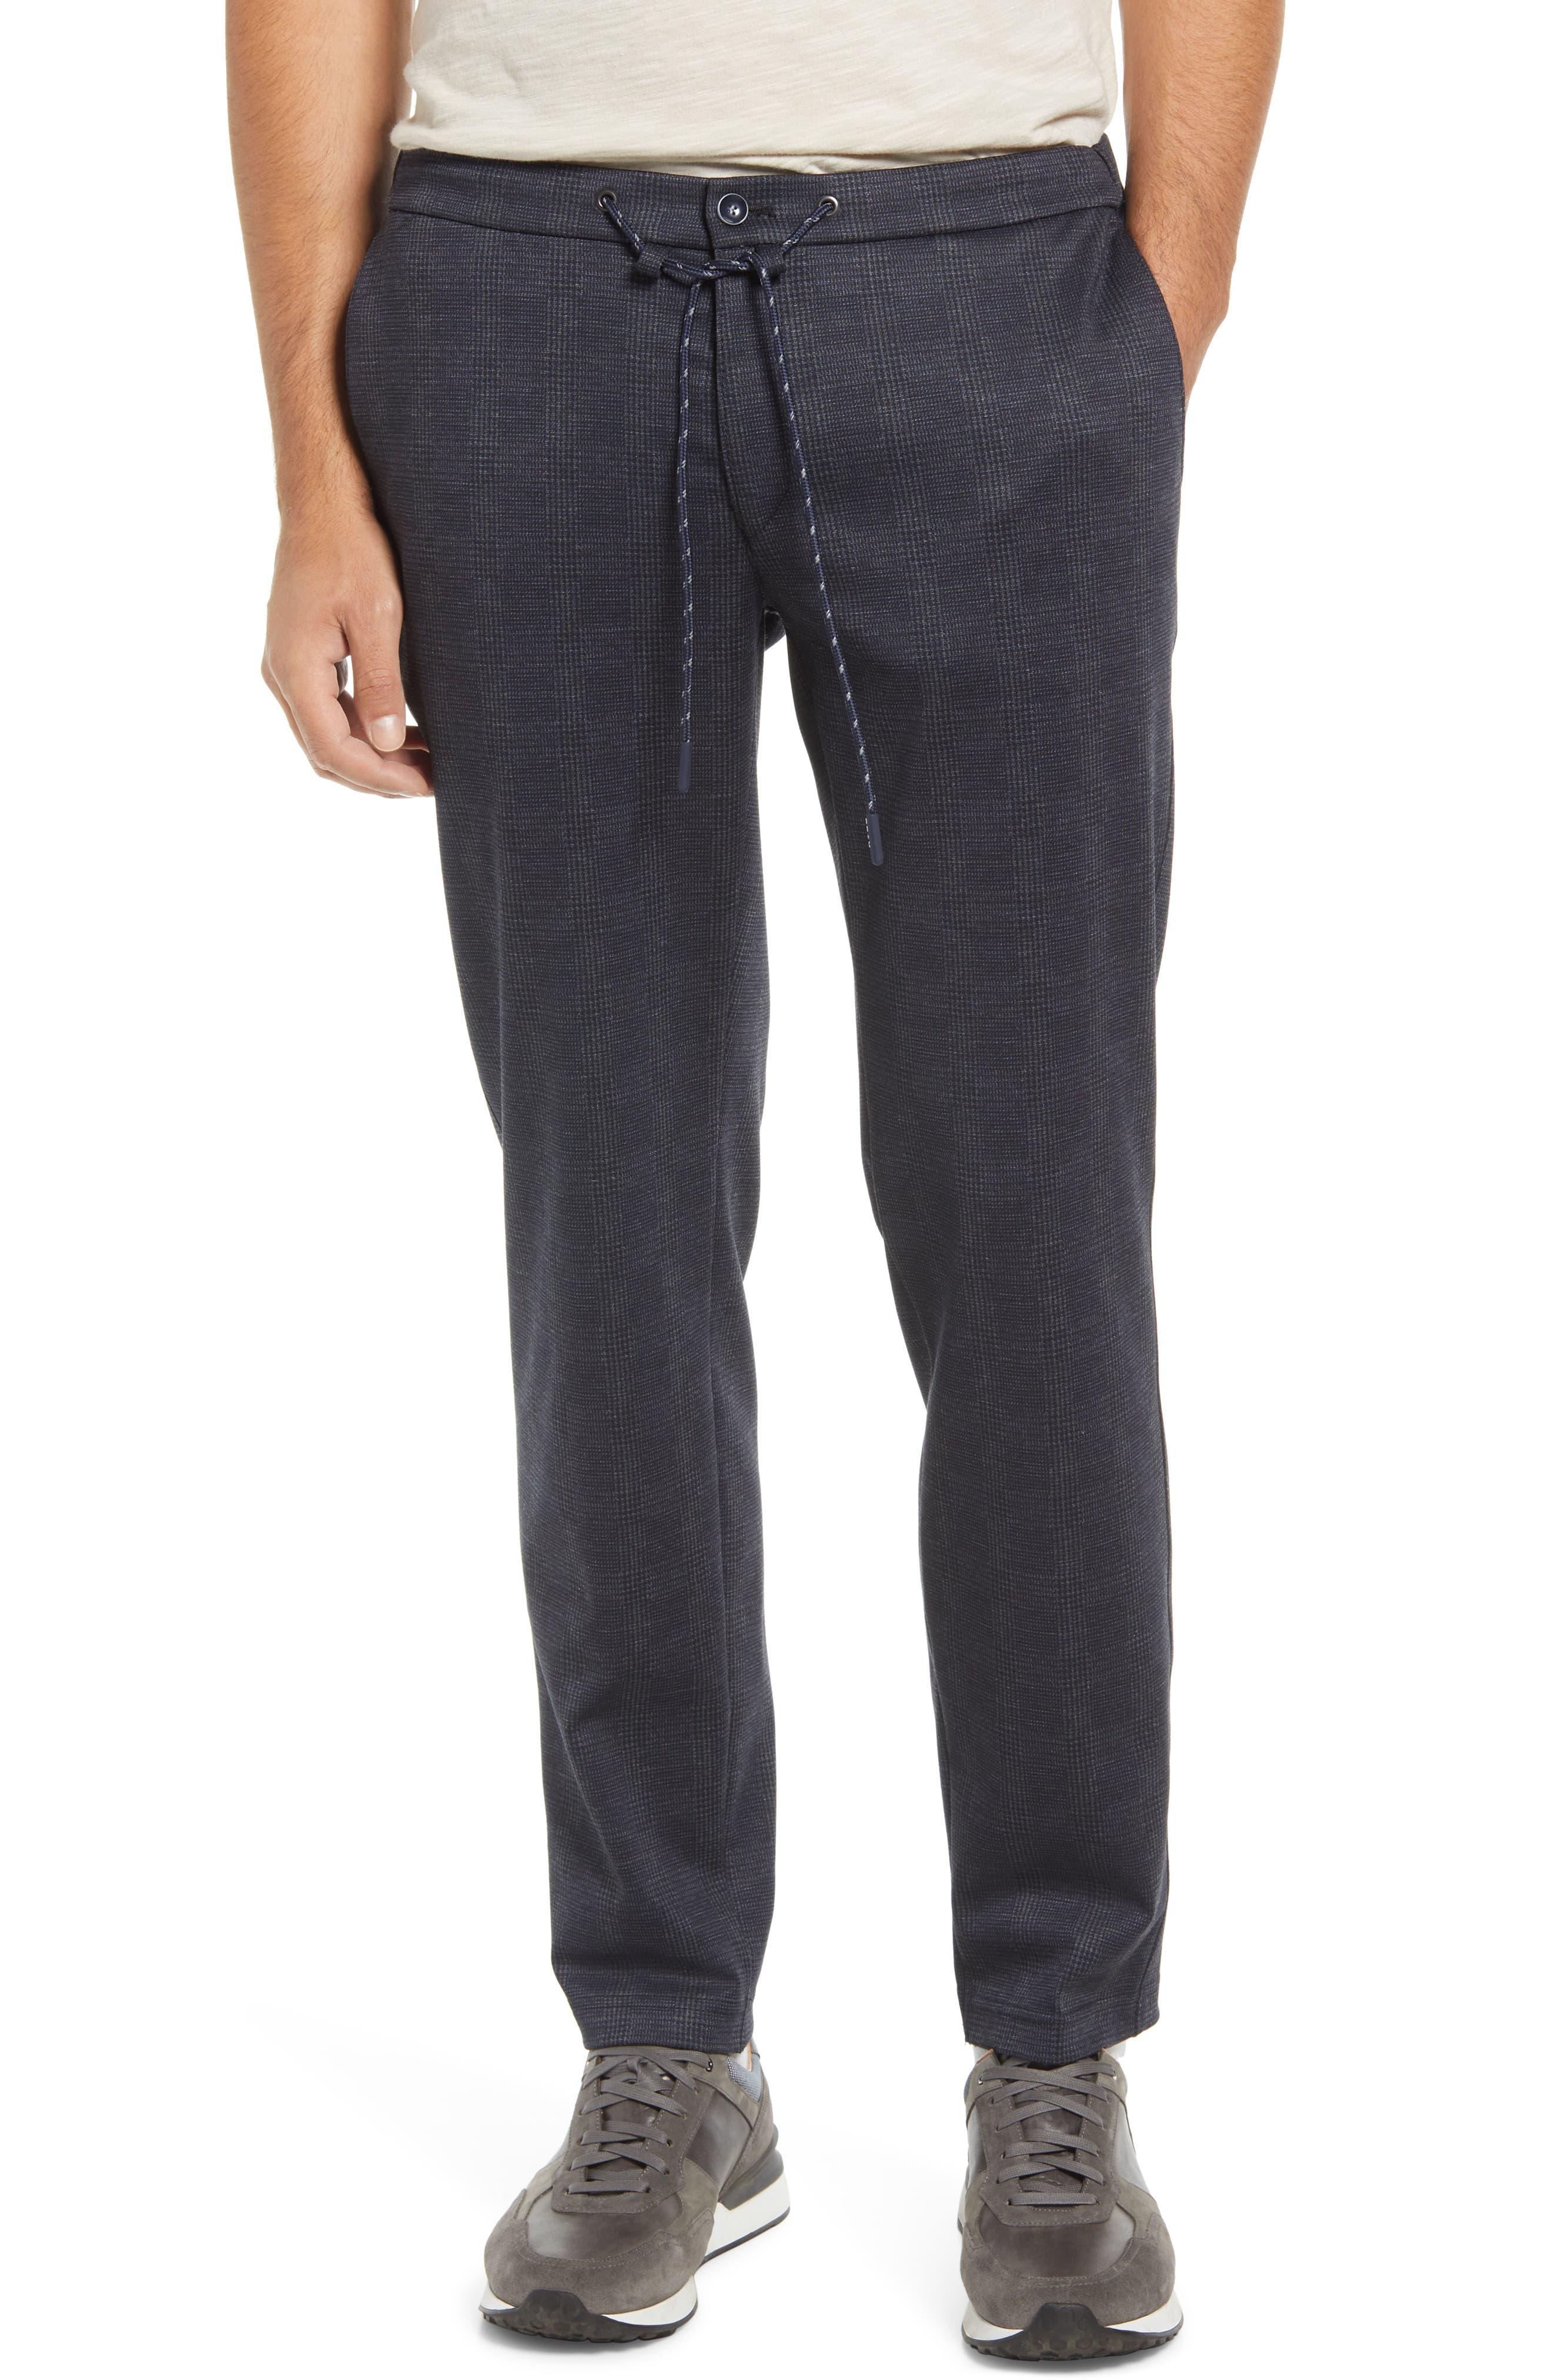 J-Tech Drawstring Trousers